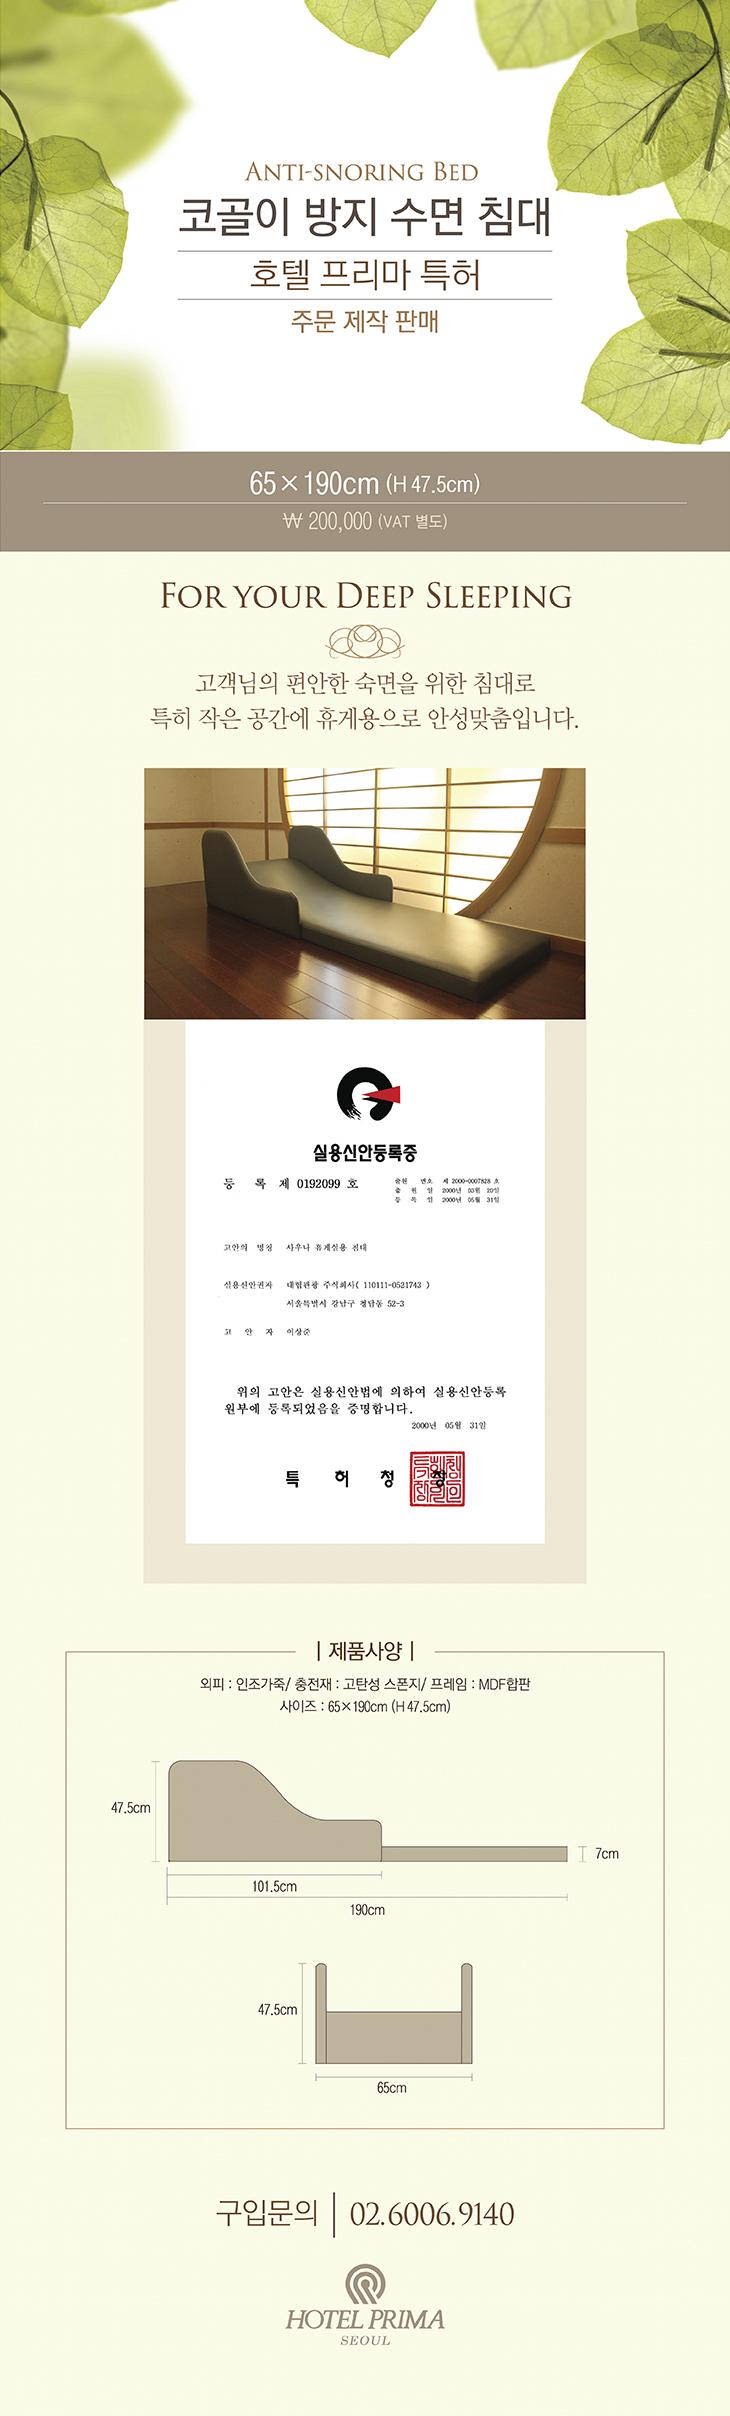 코골이 방지 수면 침대 주문 제작 판매_상세_1.jpg